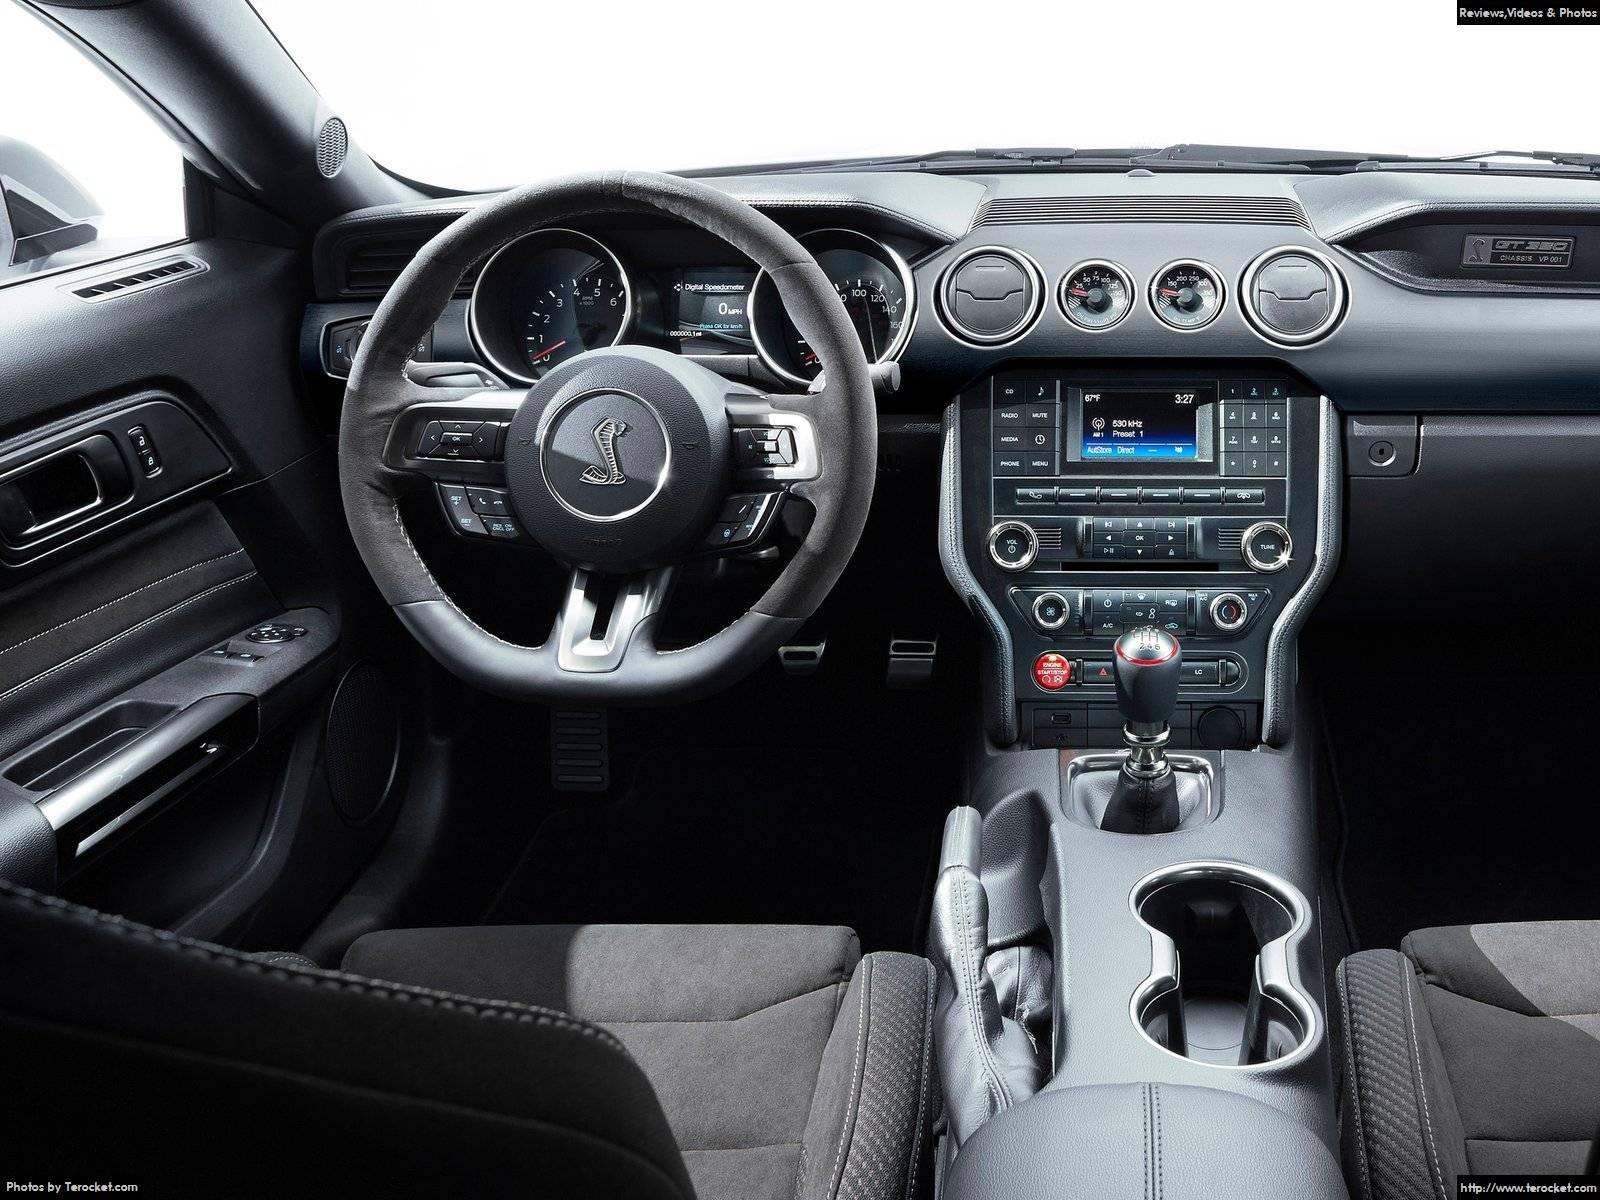 Hình ảnh xe ô tô Ford Mustang Shelby GT350 2016 & nội ngoại thất